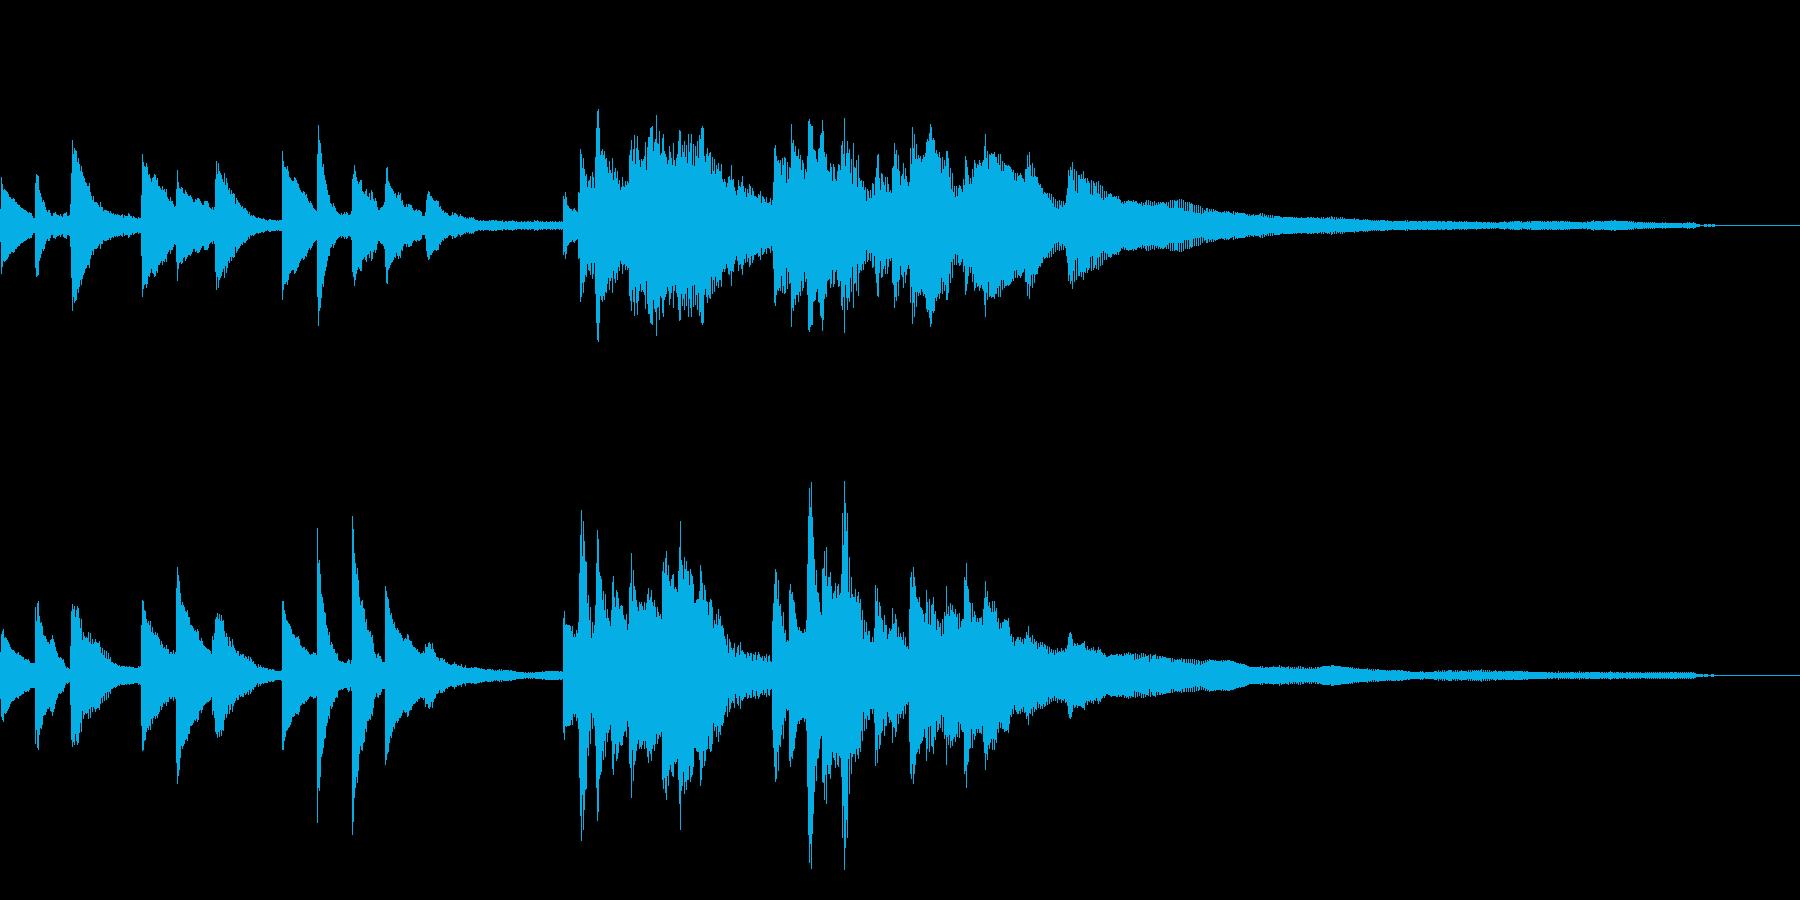 和風のジングル6-ピアノソロの再生済みの波形